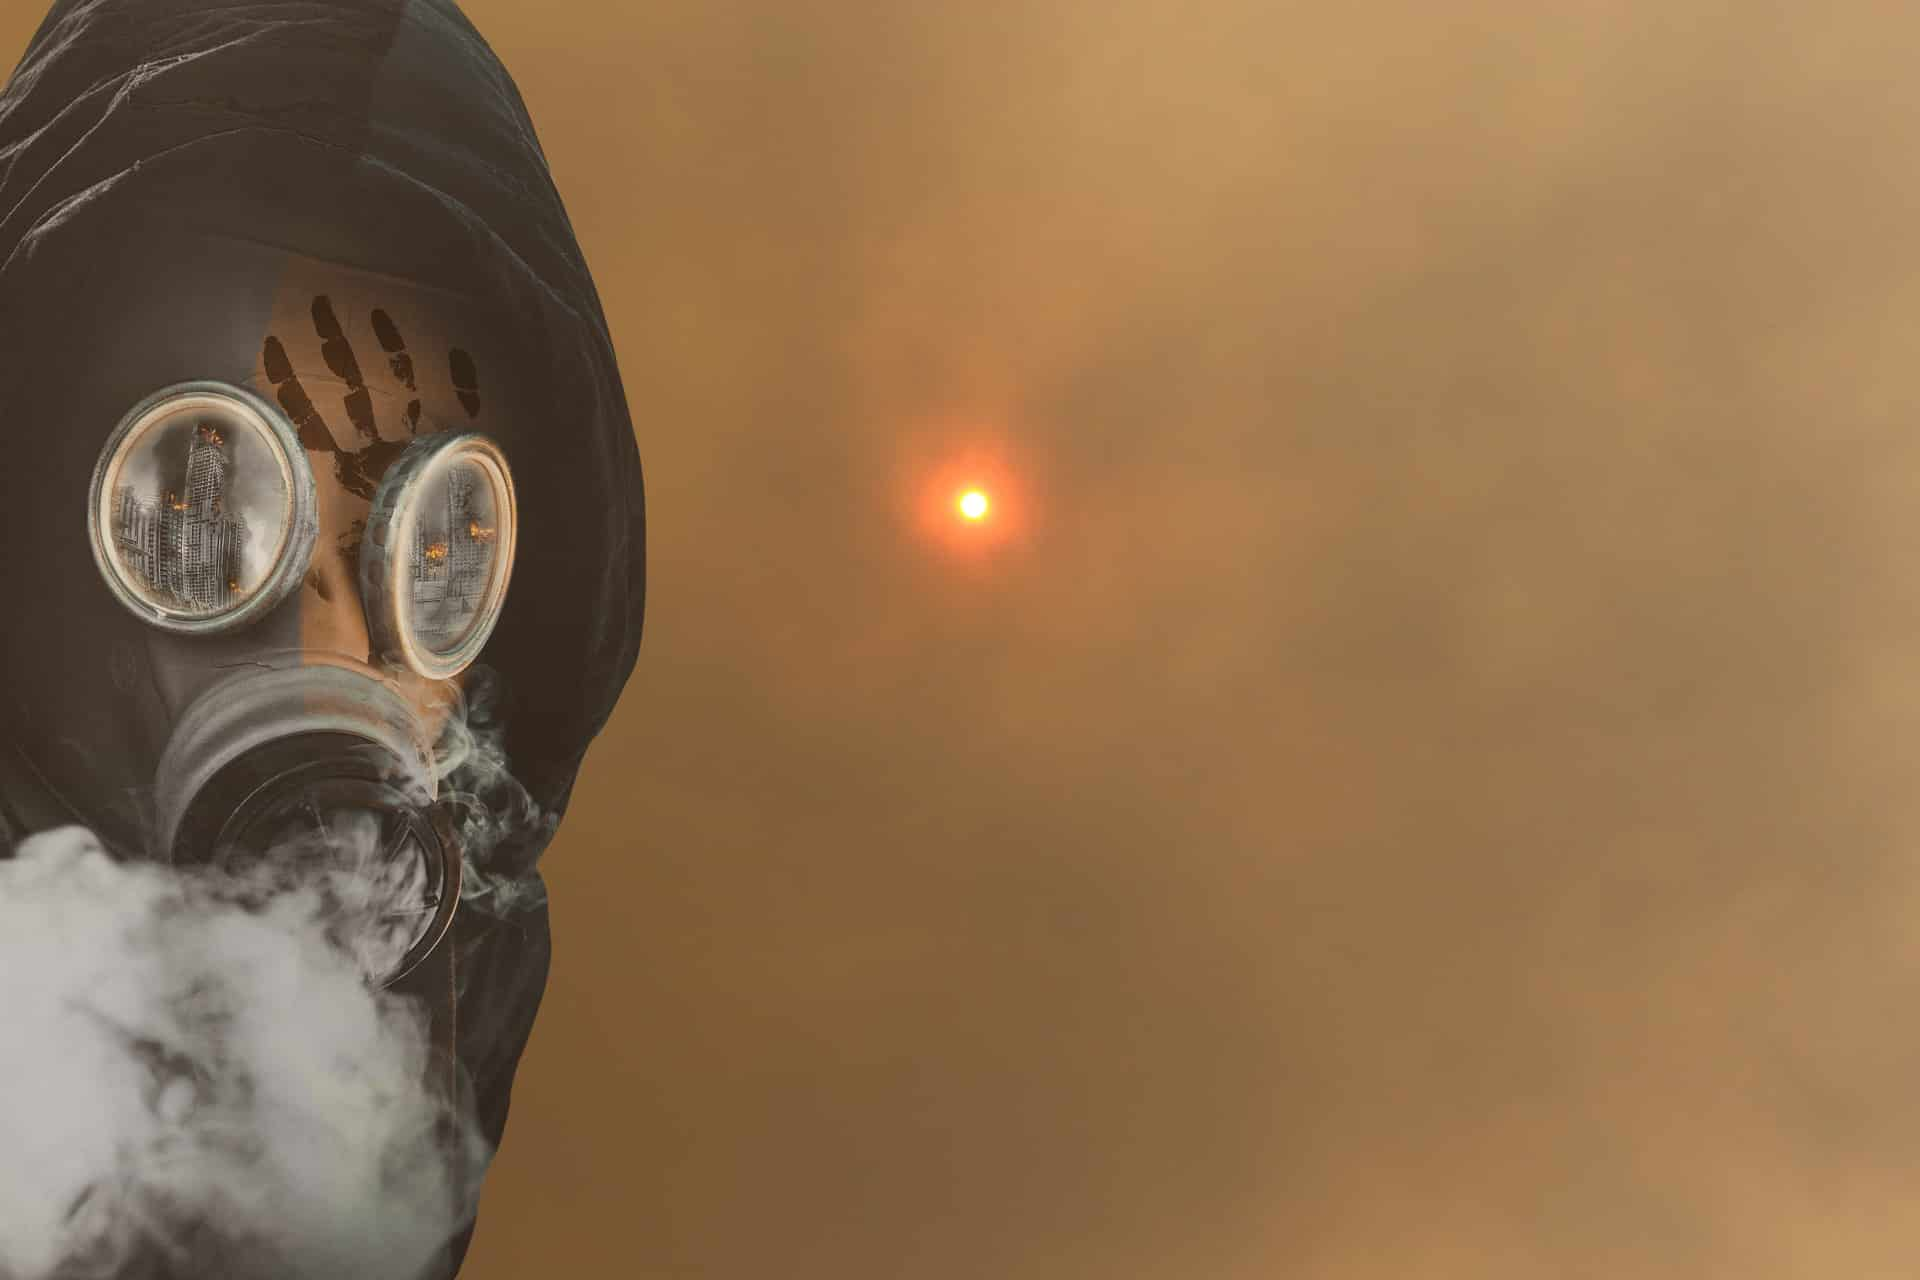 Ekstremno visoki nivoi PM 2.5 čestica - uputstvo, šta raditi, zaštita, oprez, požari, kako se zaštititi